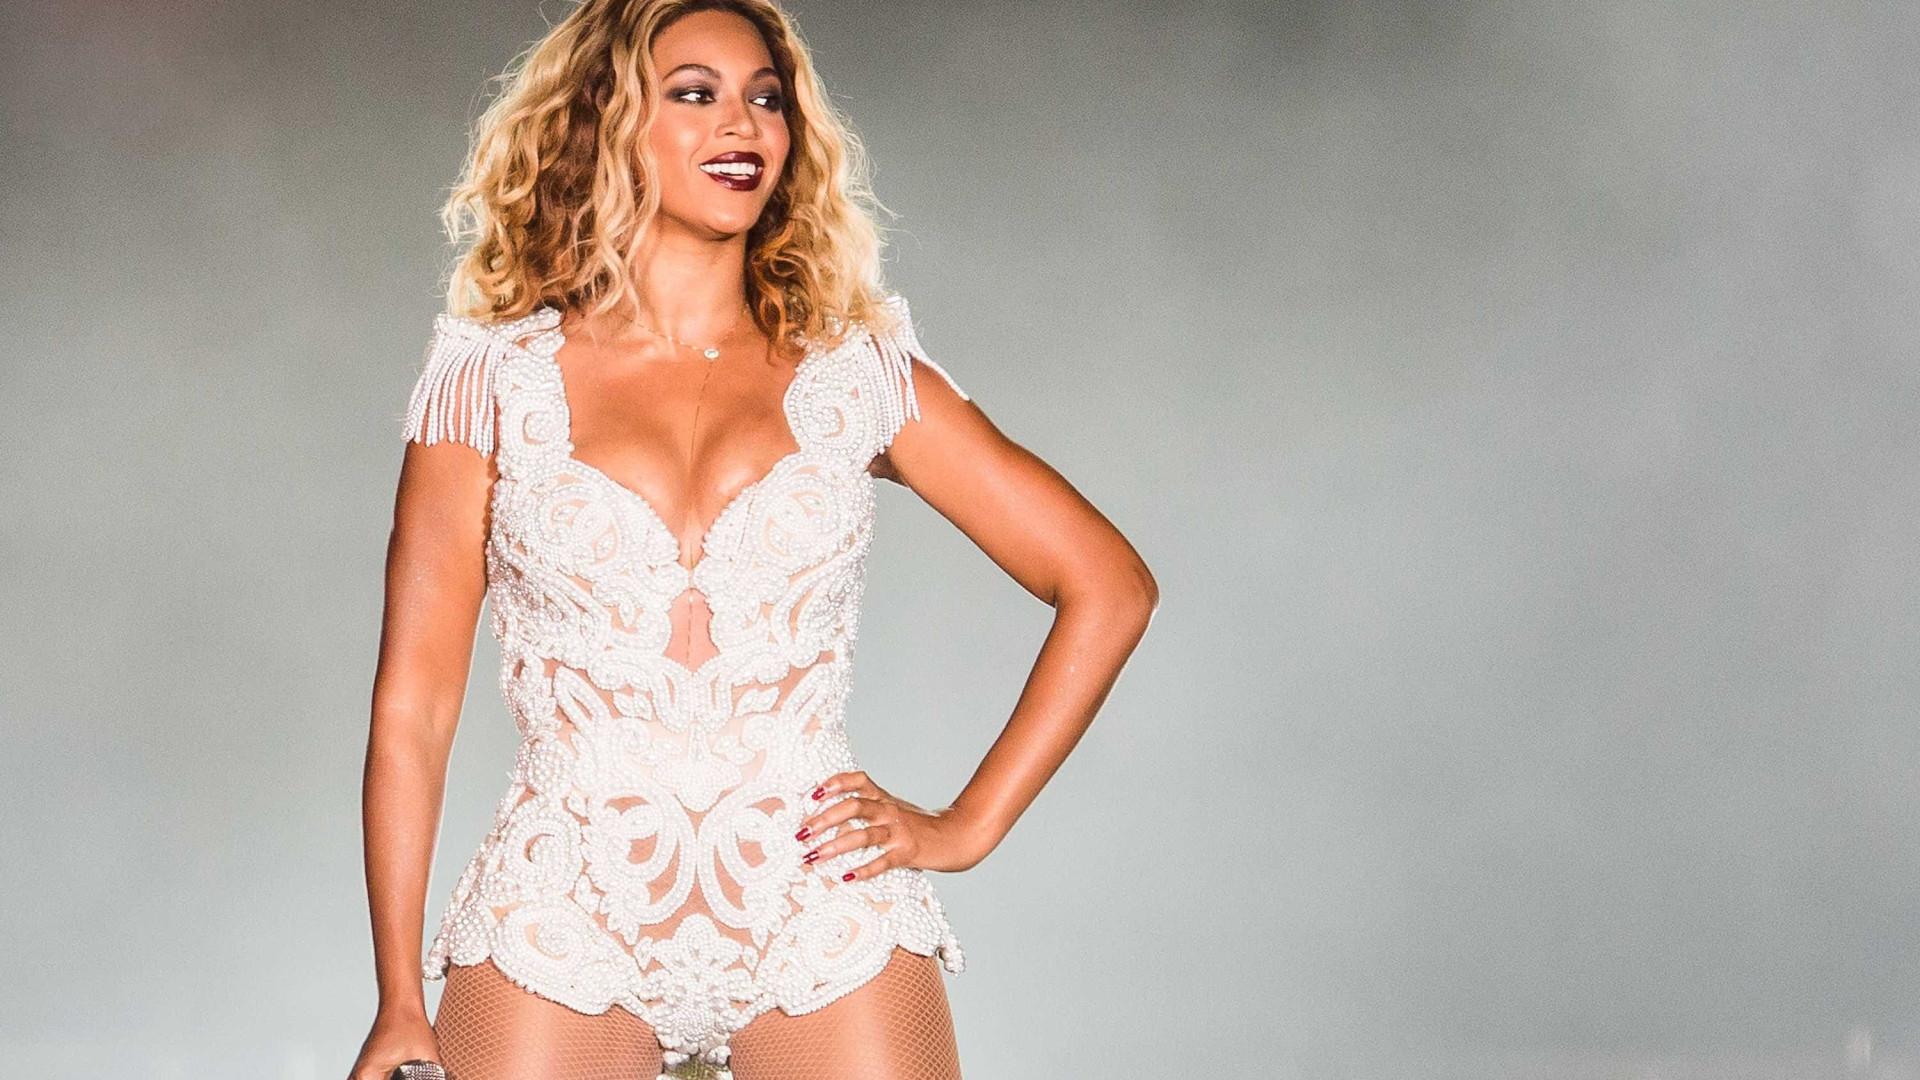 Estátua de cera de Beyoncé gera polémica por cantora estar muito 'branca'